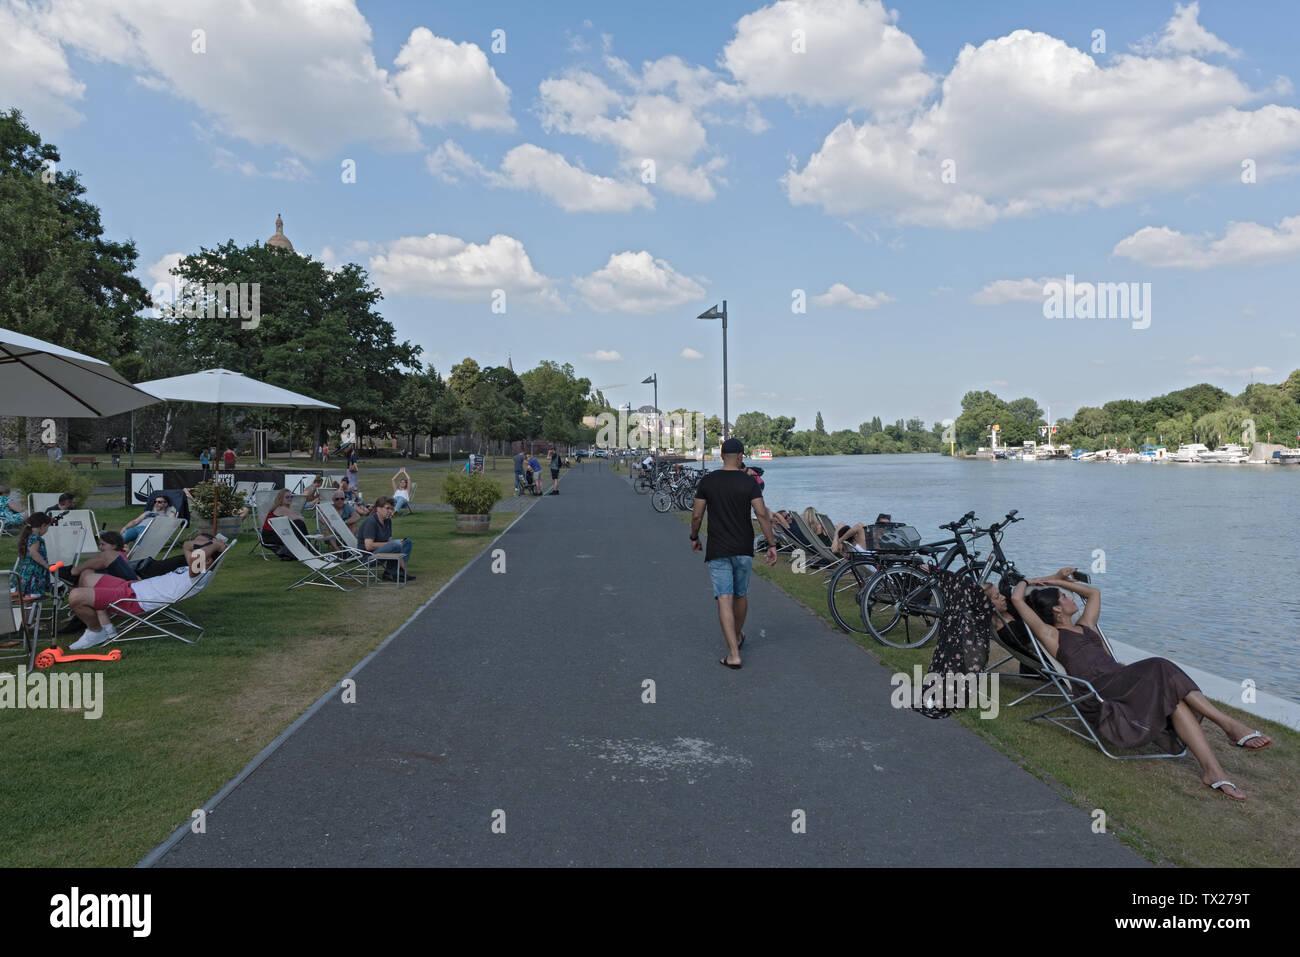 Los turistas en las tumbonas en la zona ribereña de río principal en Frankfurt Hoechst, Alemania Imagen De Stock